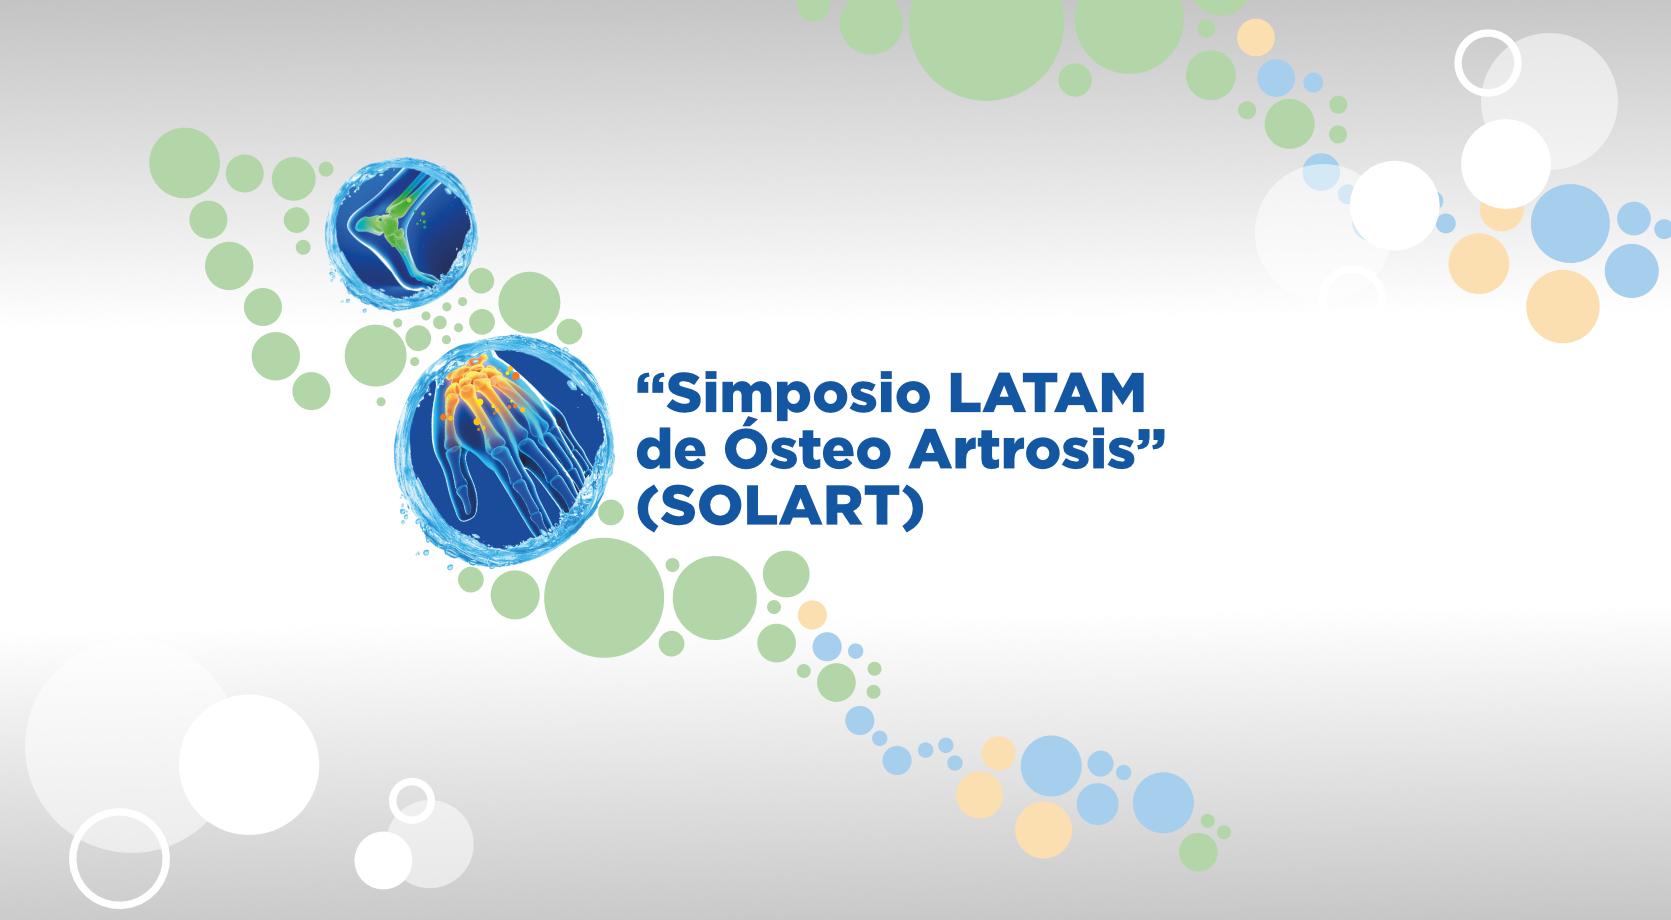 Simposio Latinoamericano de Osteoartrosis y Viscosuplementación / SoLART 2019